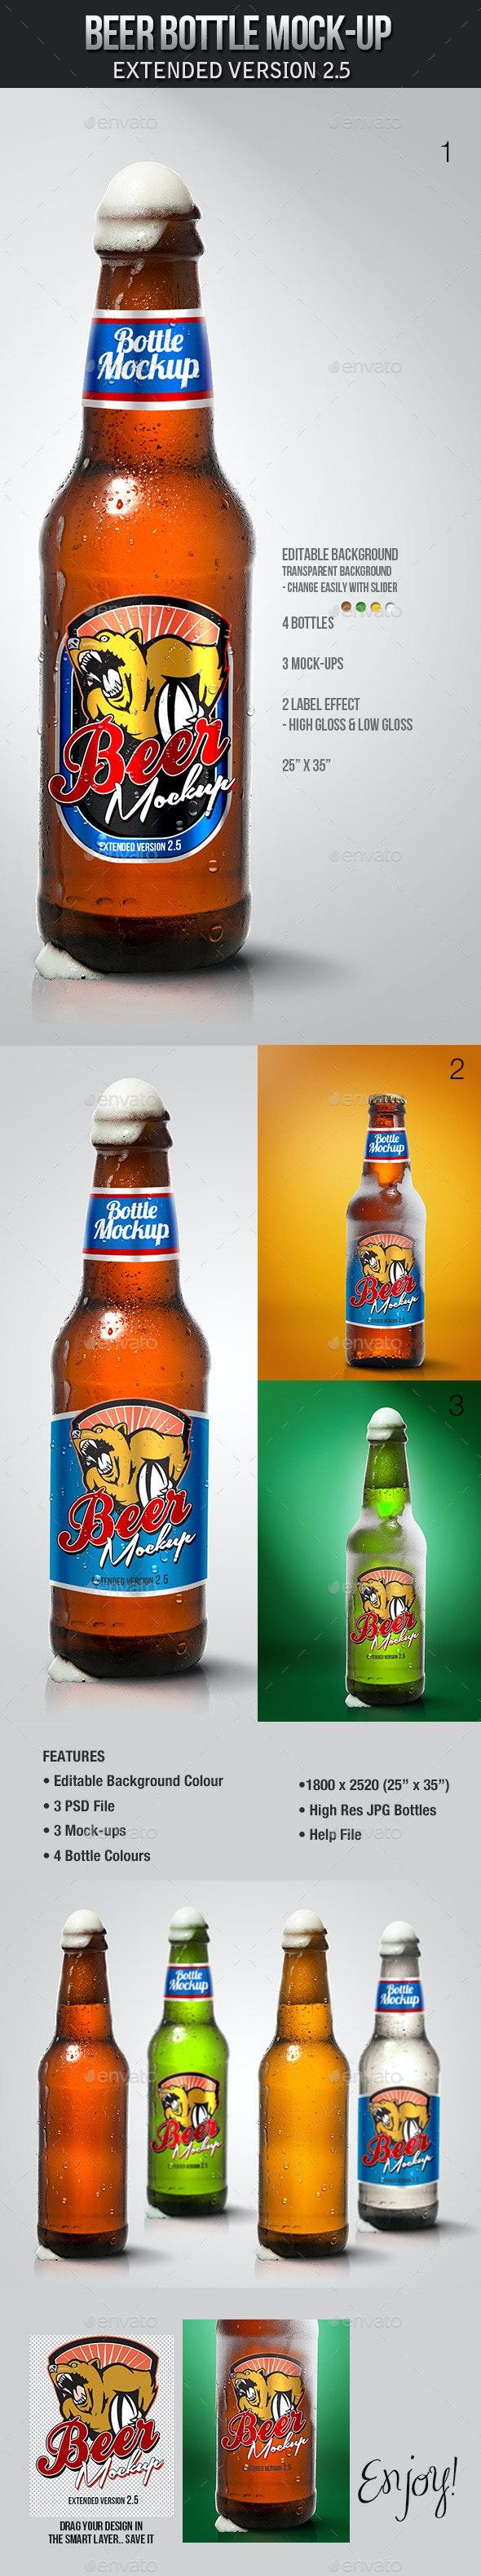 Beer Bottle Mockup V2.5 - Product Mock-Ups Graphics